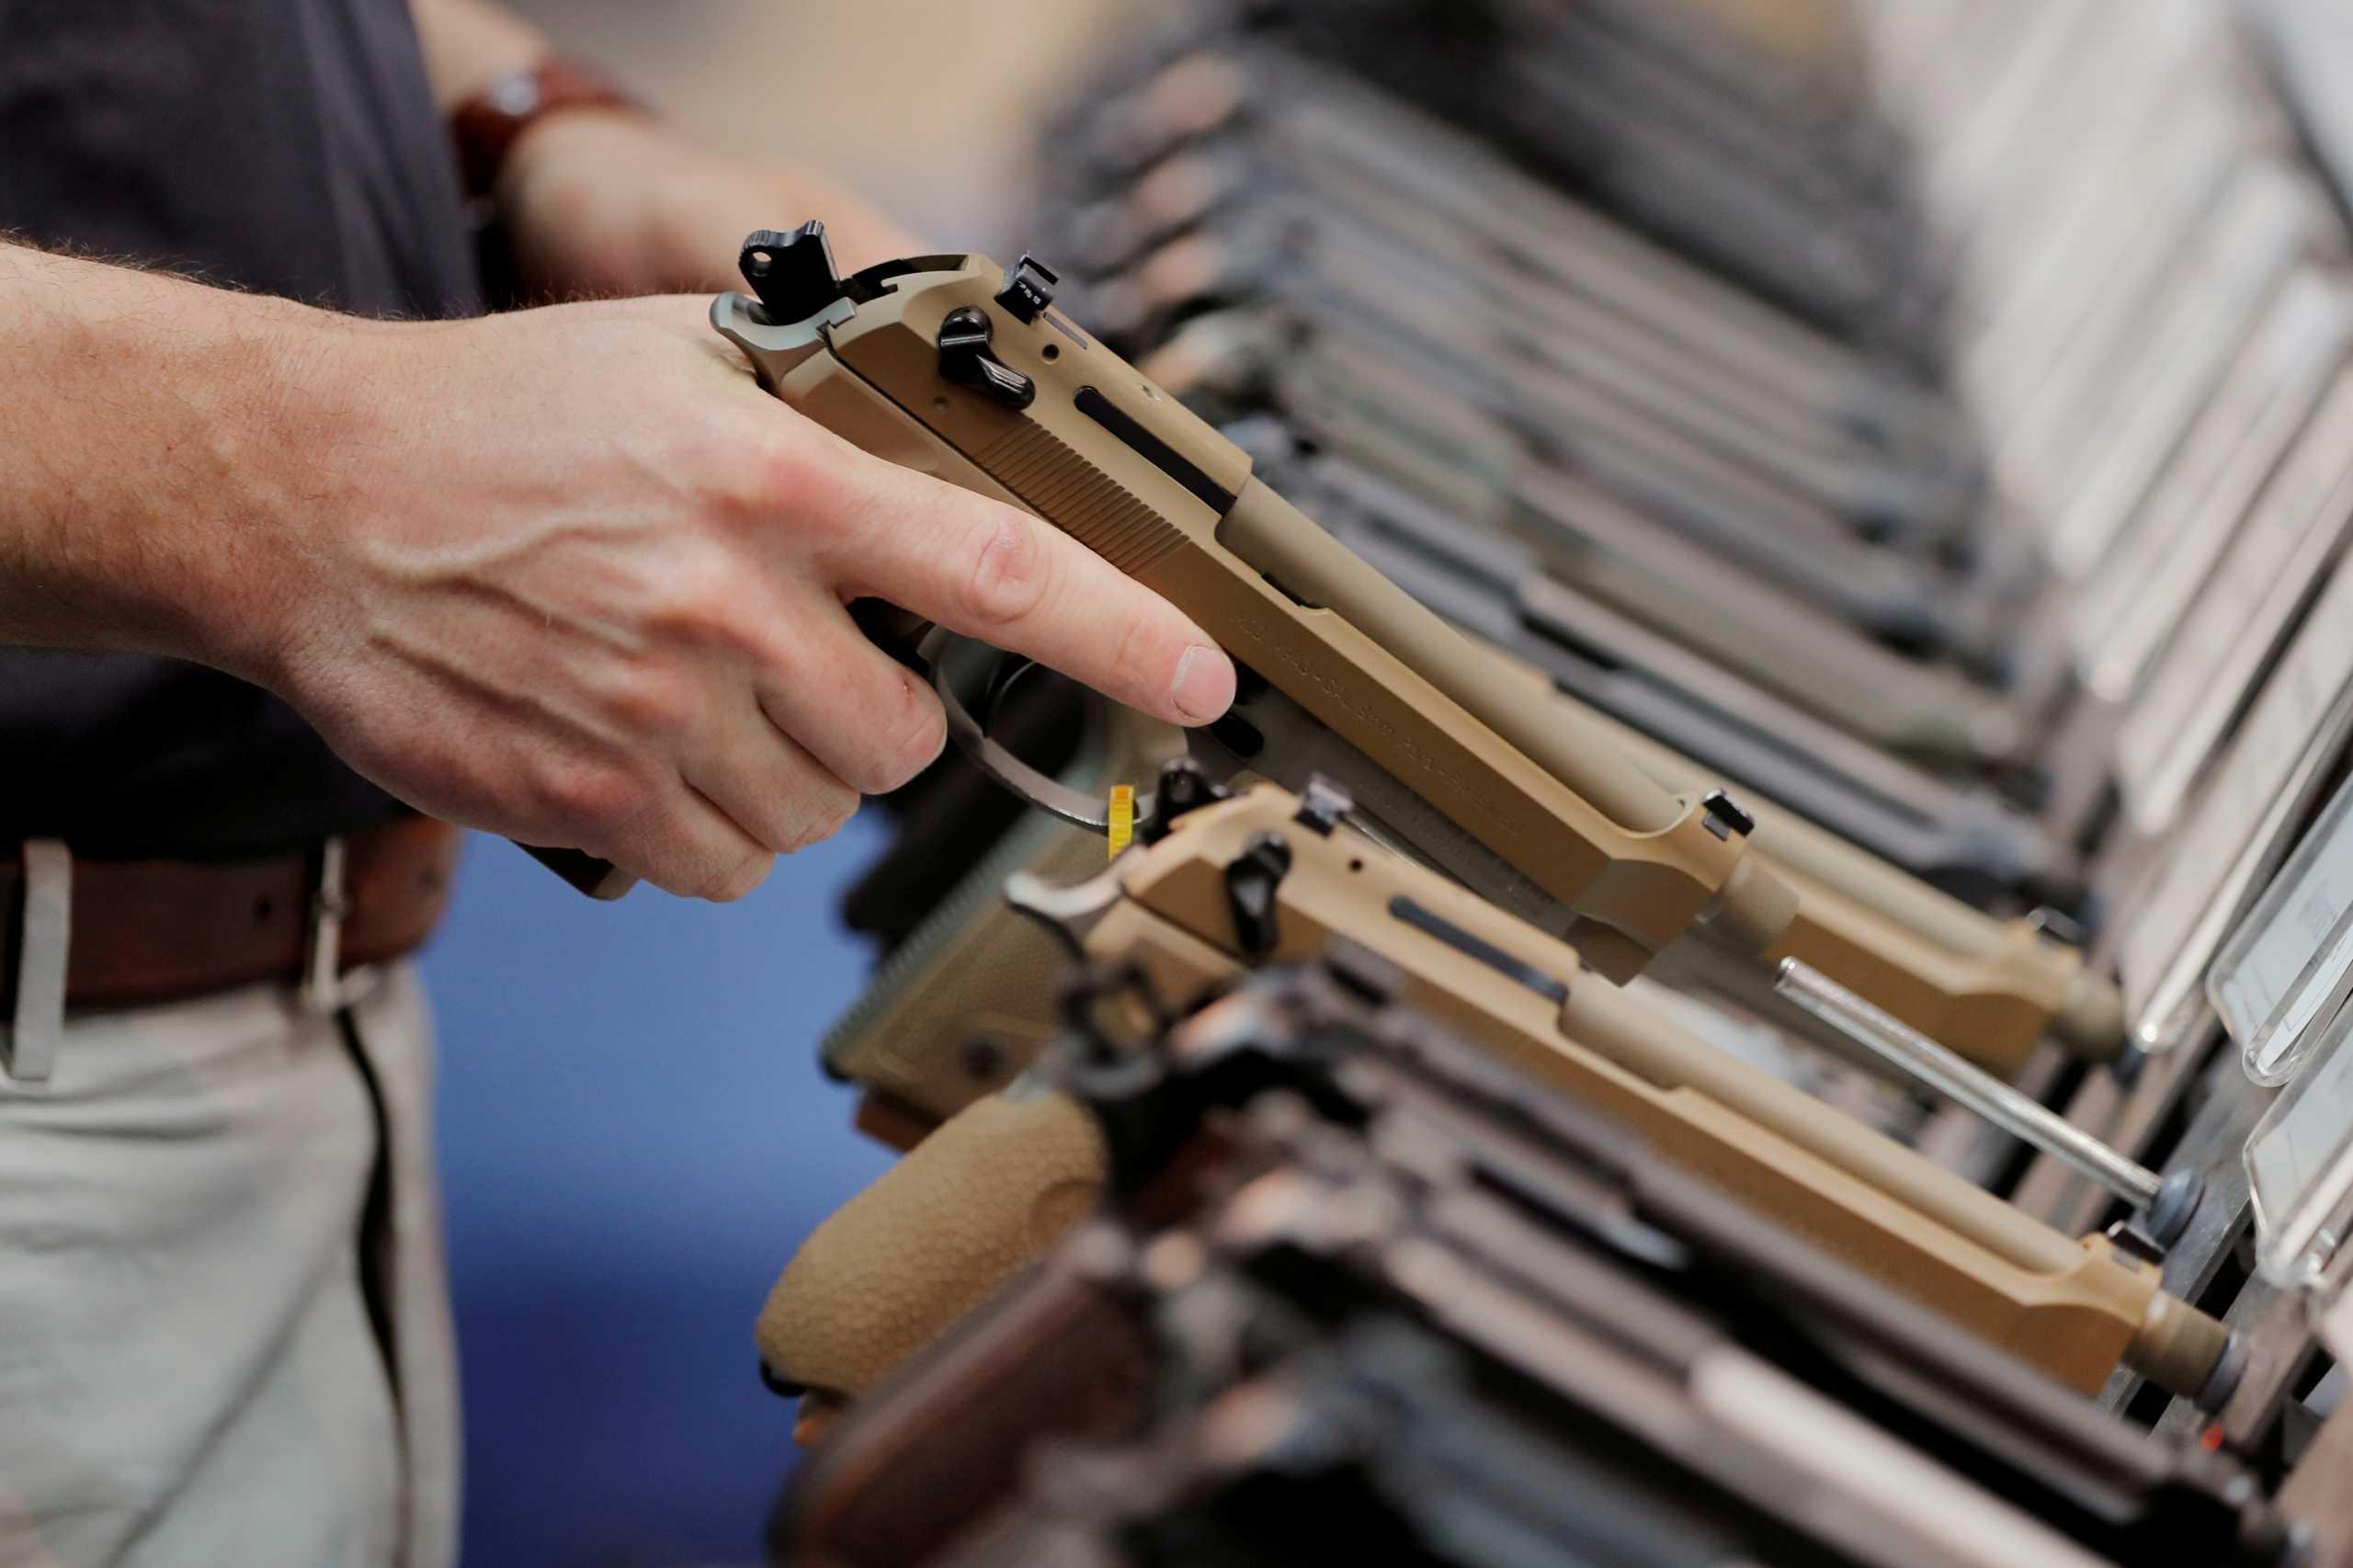 ΗΠΑ: Το μεγαλύτερο λόμπι οπλοκατοχής ακυρώνει το ετήσιο συνέδριό του λόγω κορονοϊού